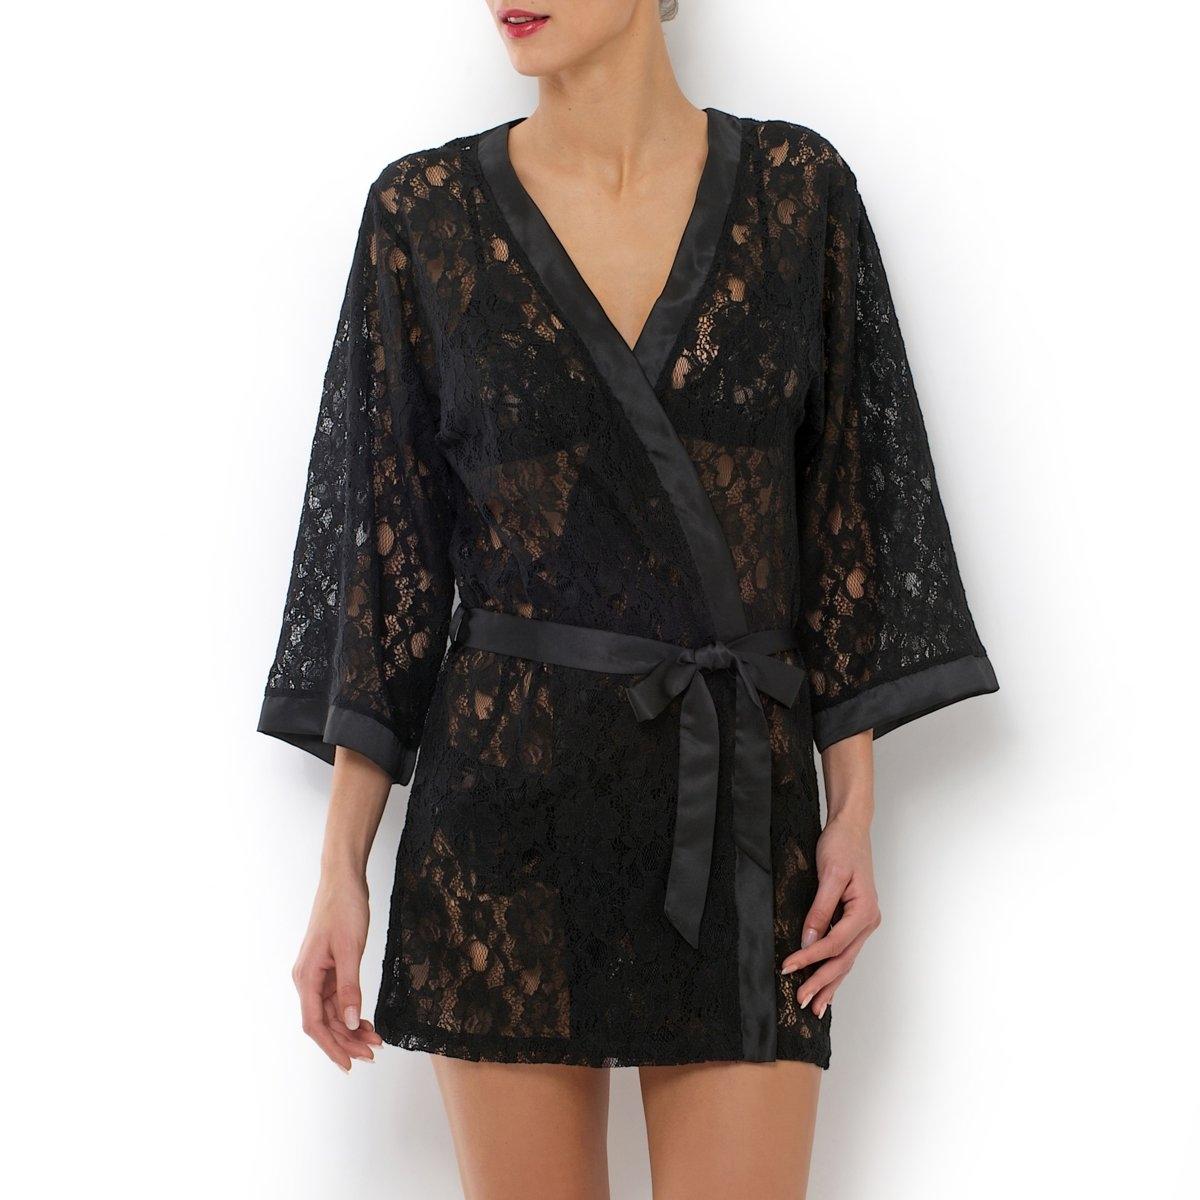 Халат-кимоно короткий с длинными рукавами из кружева халат кимоно из тюля